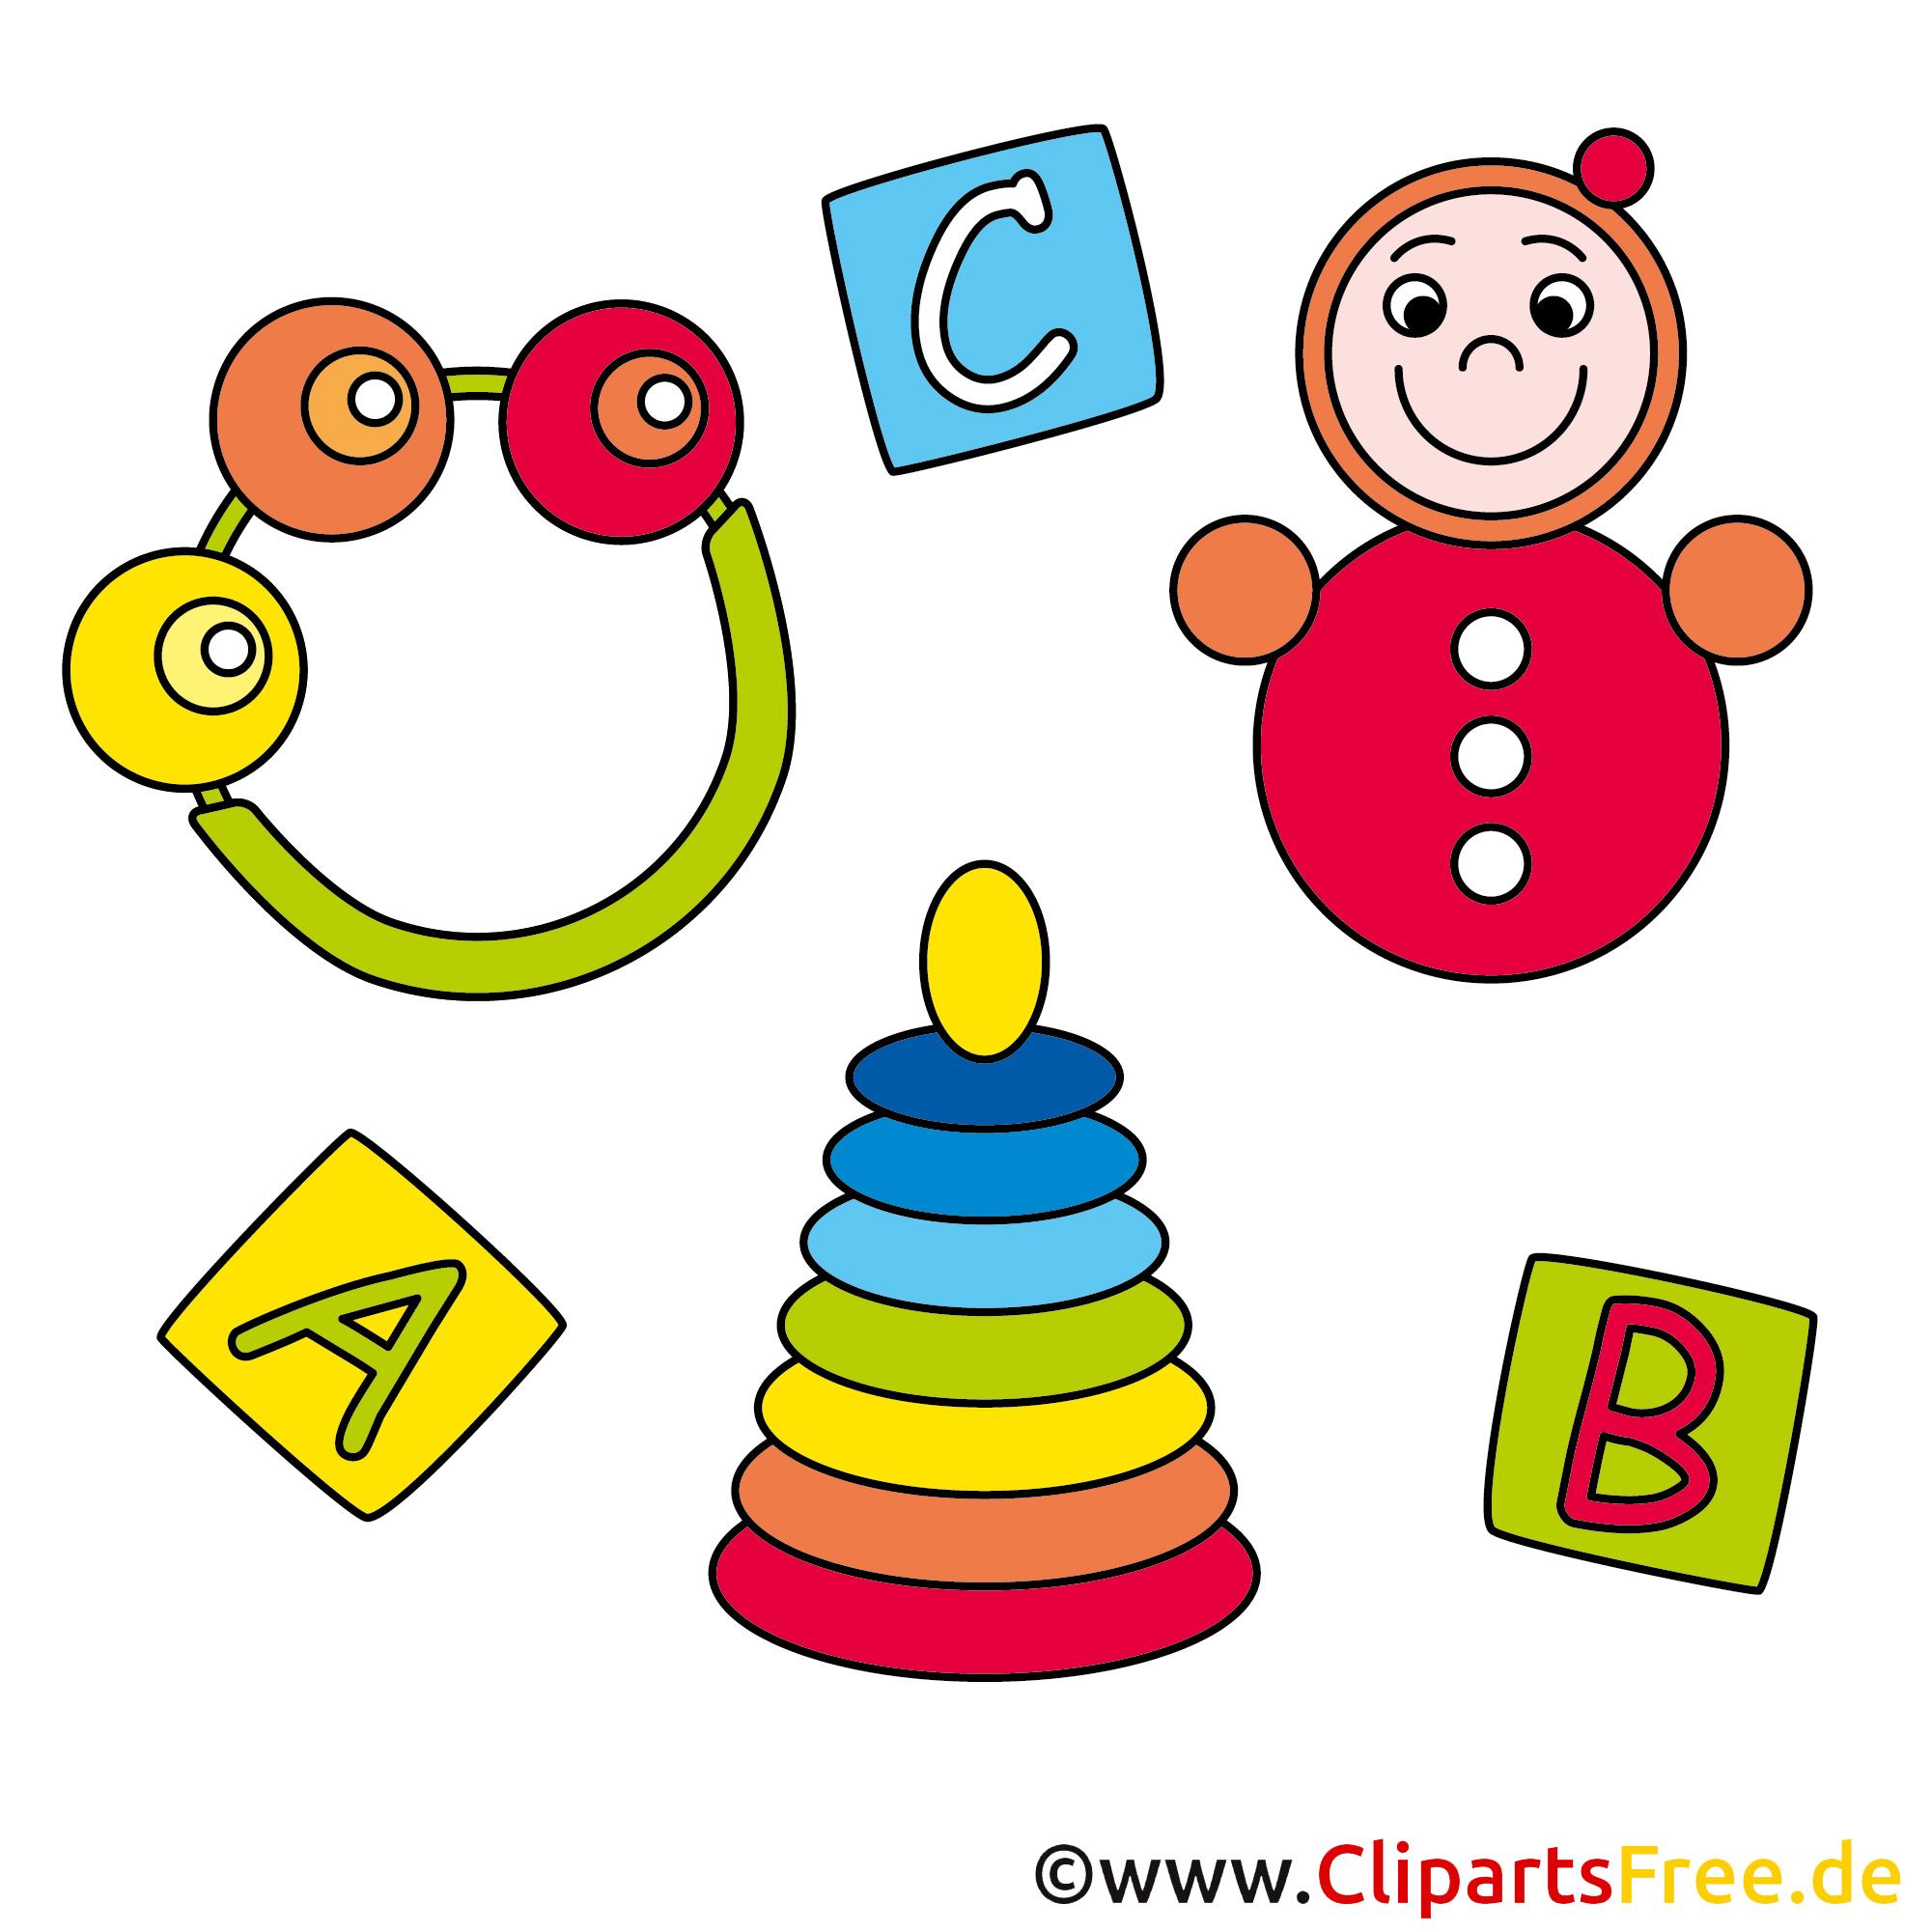 KiGa Bilder, Spielzeuge für Babies